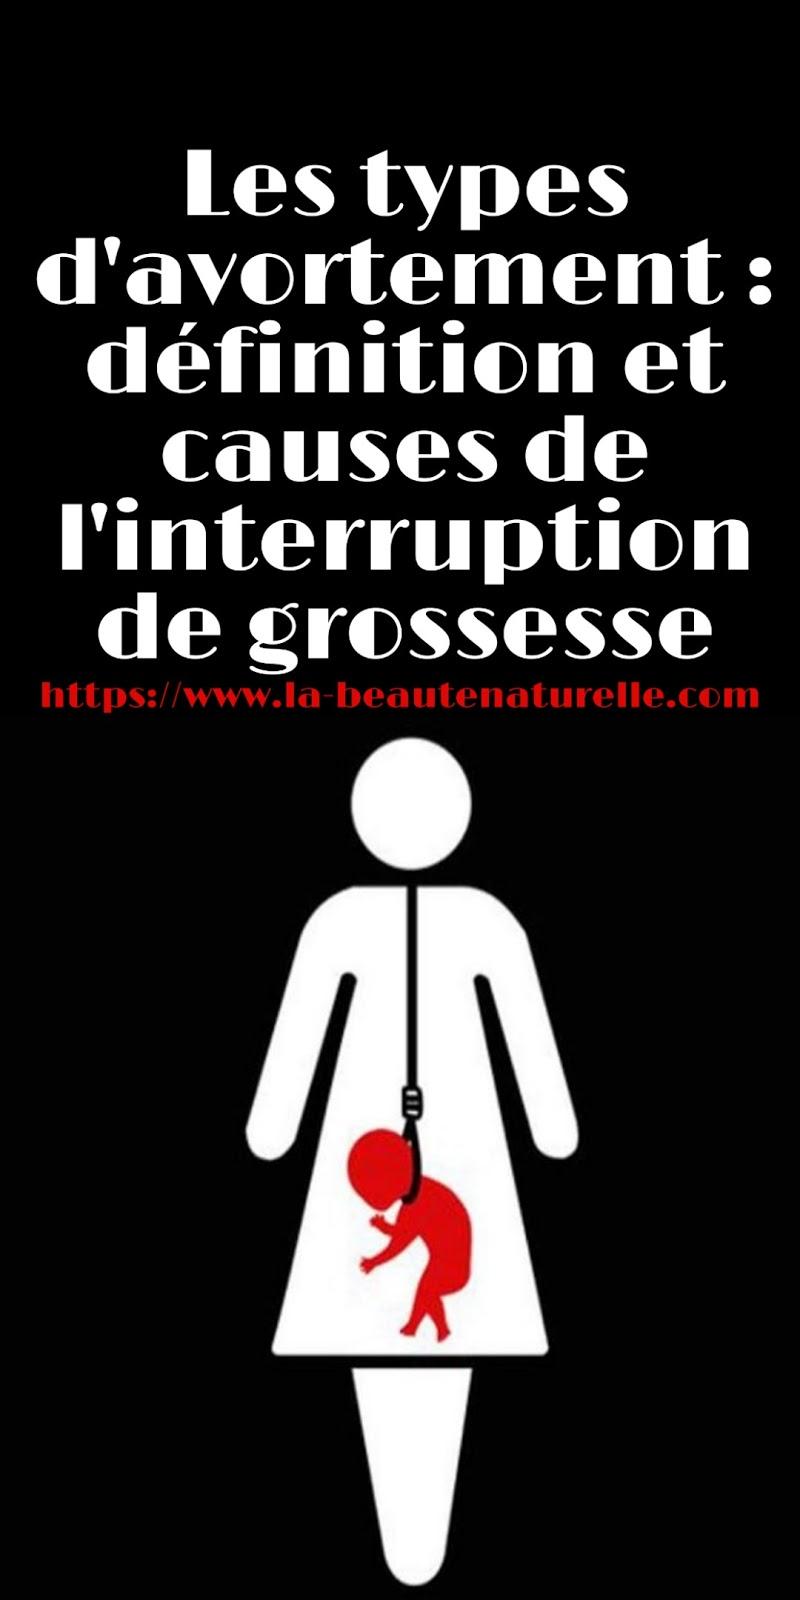 Les types d'avortement : définition et causes de l'interruption de grossesse